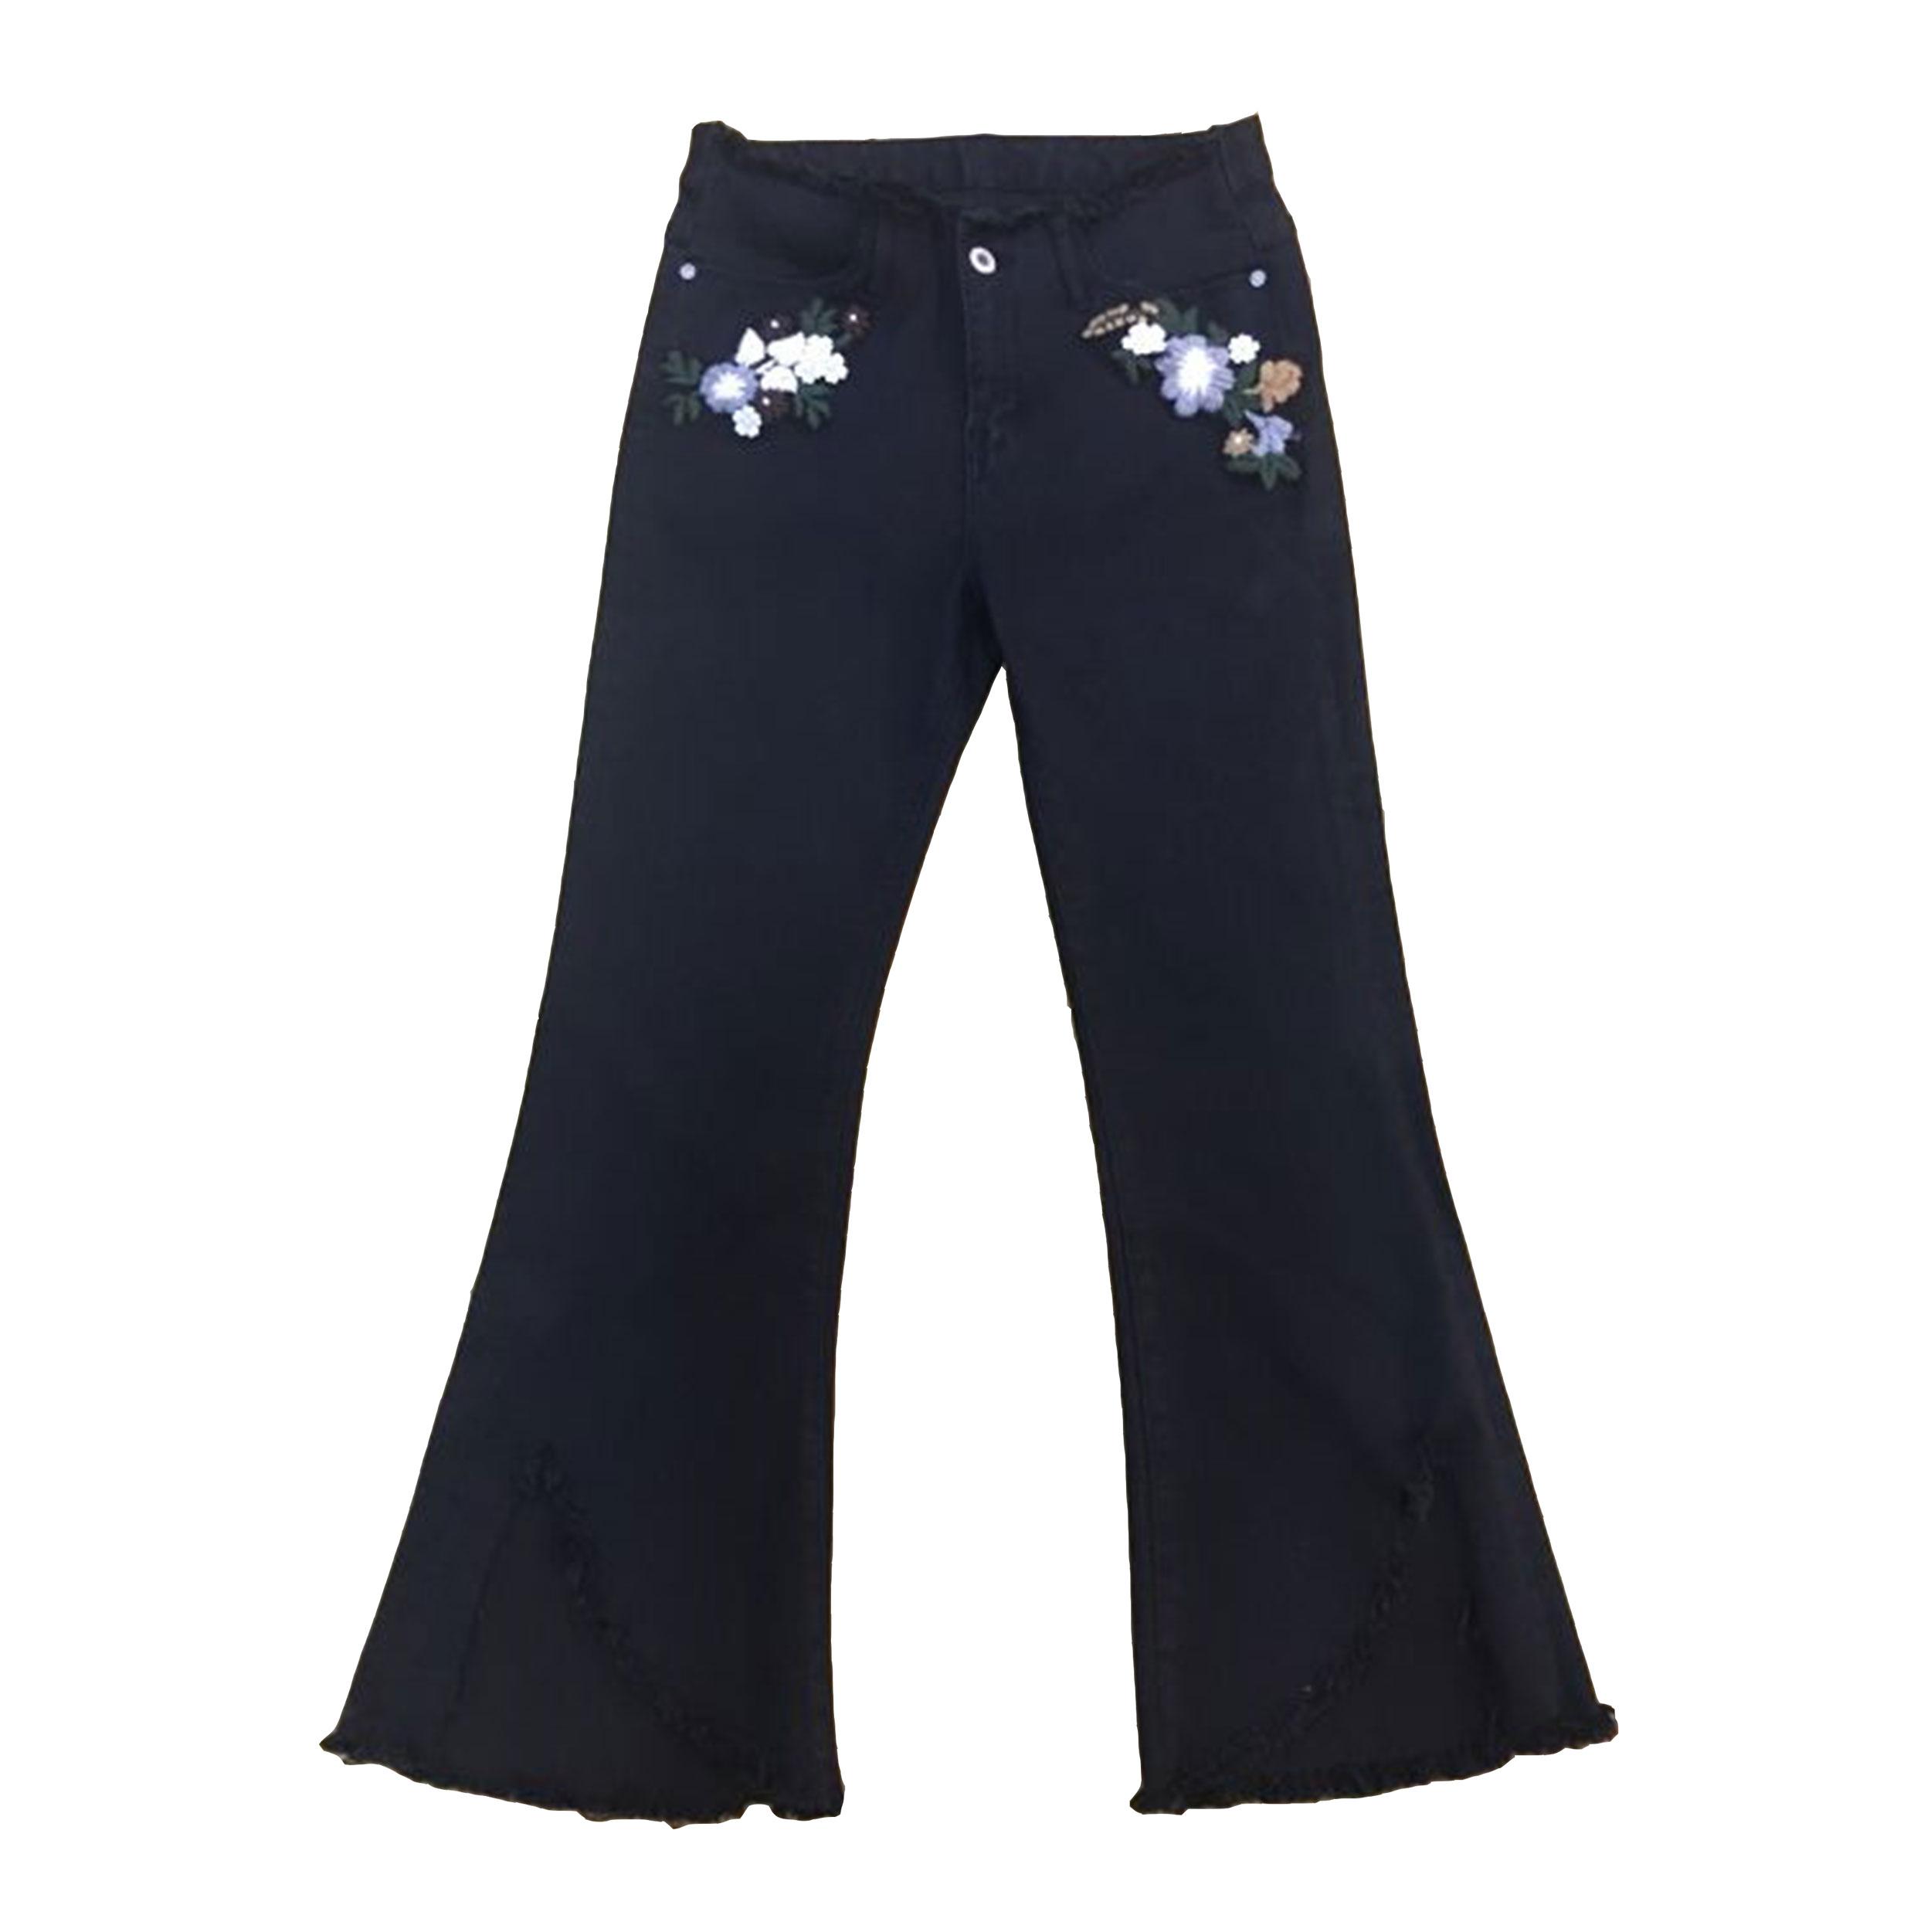 Pantalón bordado con diseño moderno